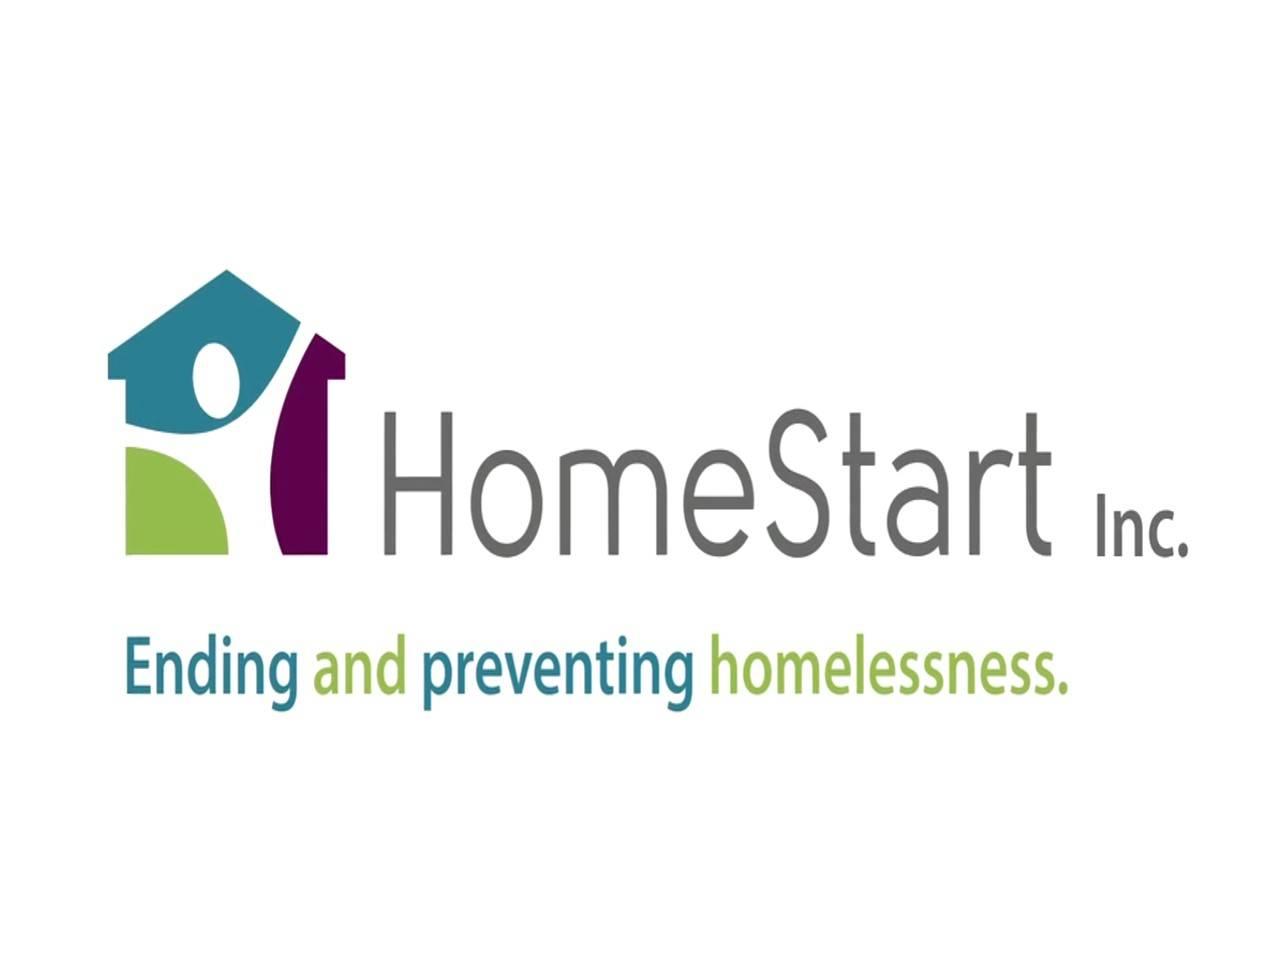 Logo of HomeStart, Inc.